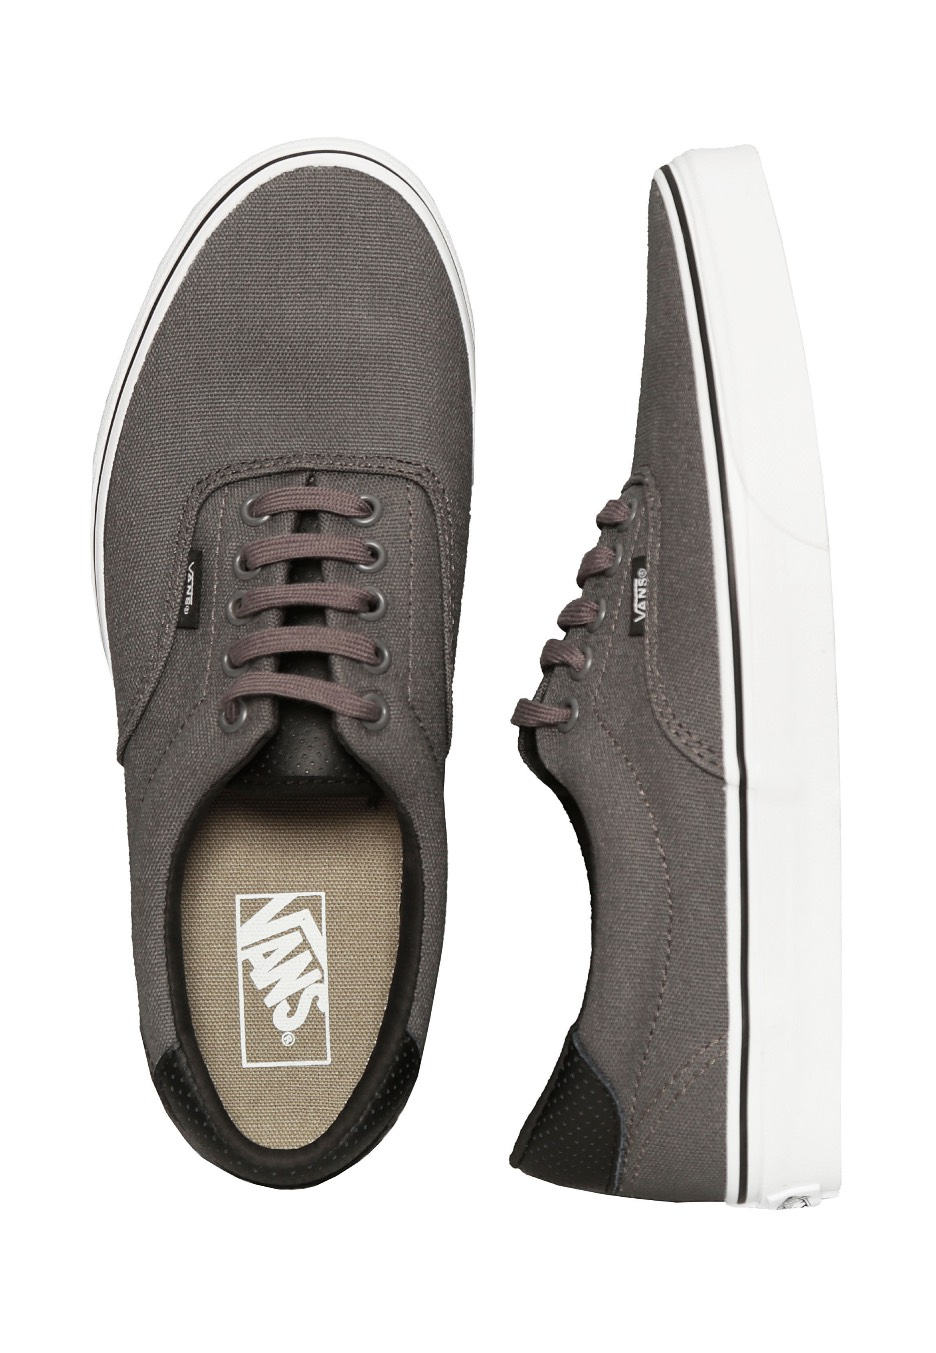 Vans - Era 59 C P Pewter Black - Shoes - Impericon.com UK 1e7c0923d309